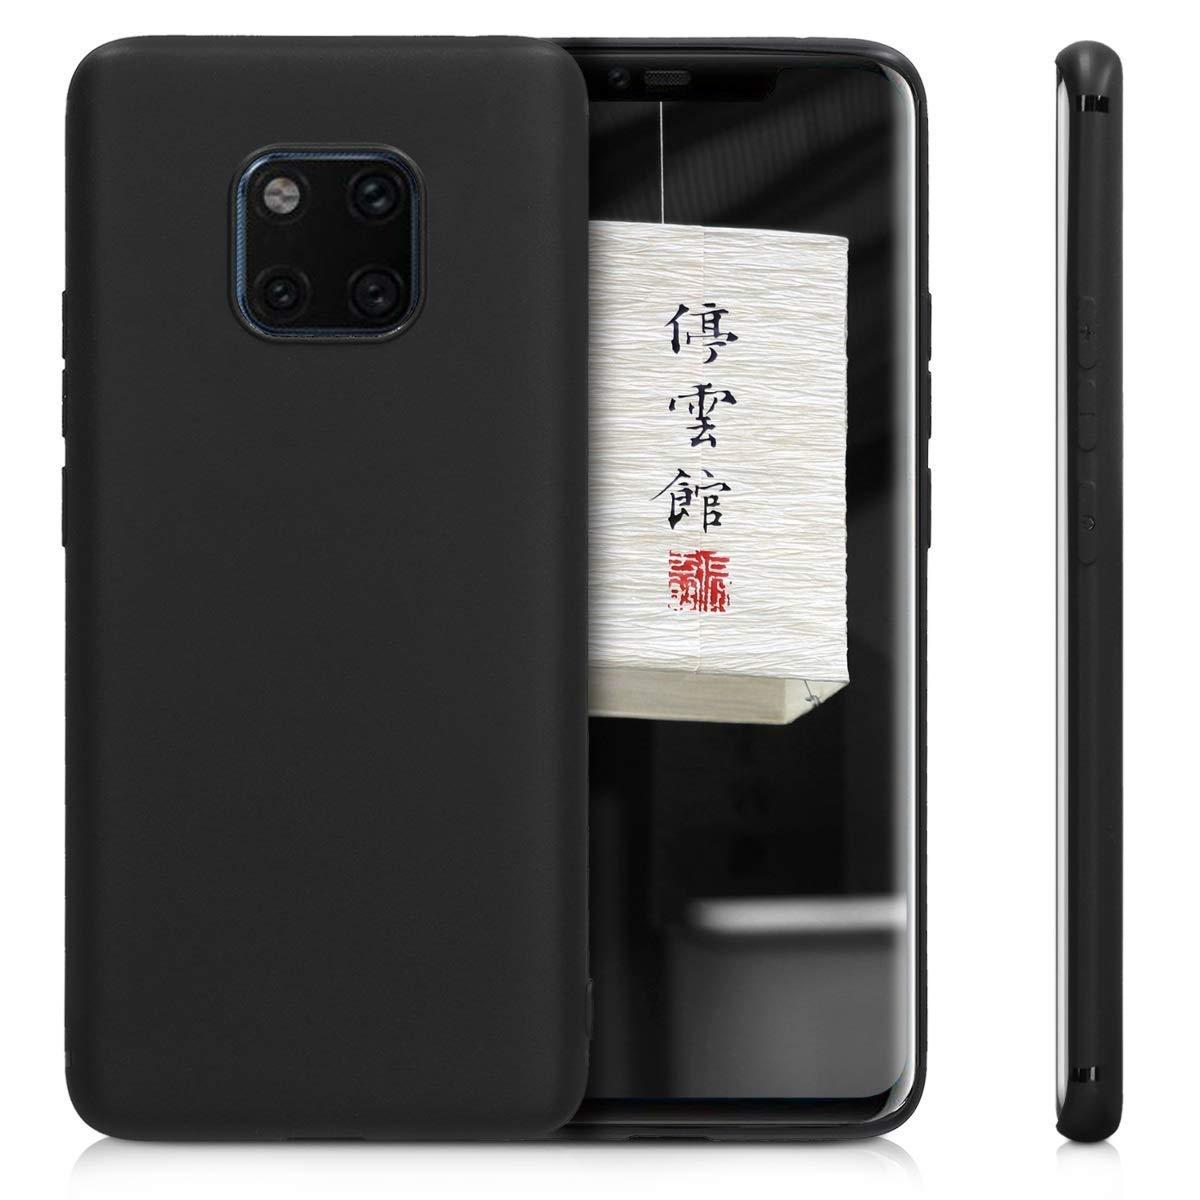 Μαύρη θήκη σιλικόνης Huawei Mate 20 Pro